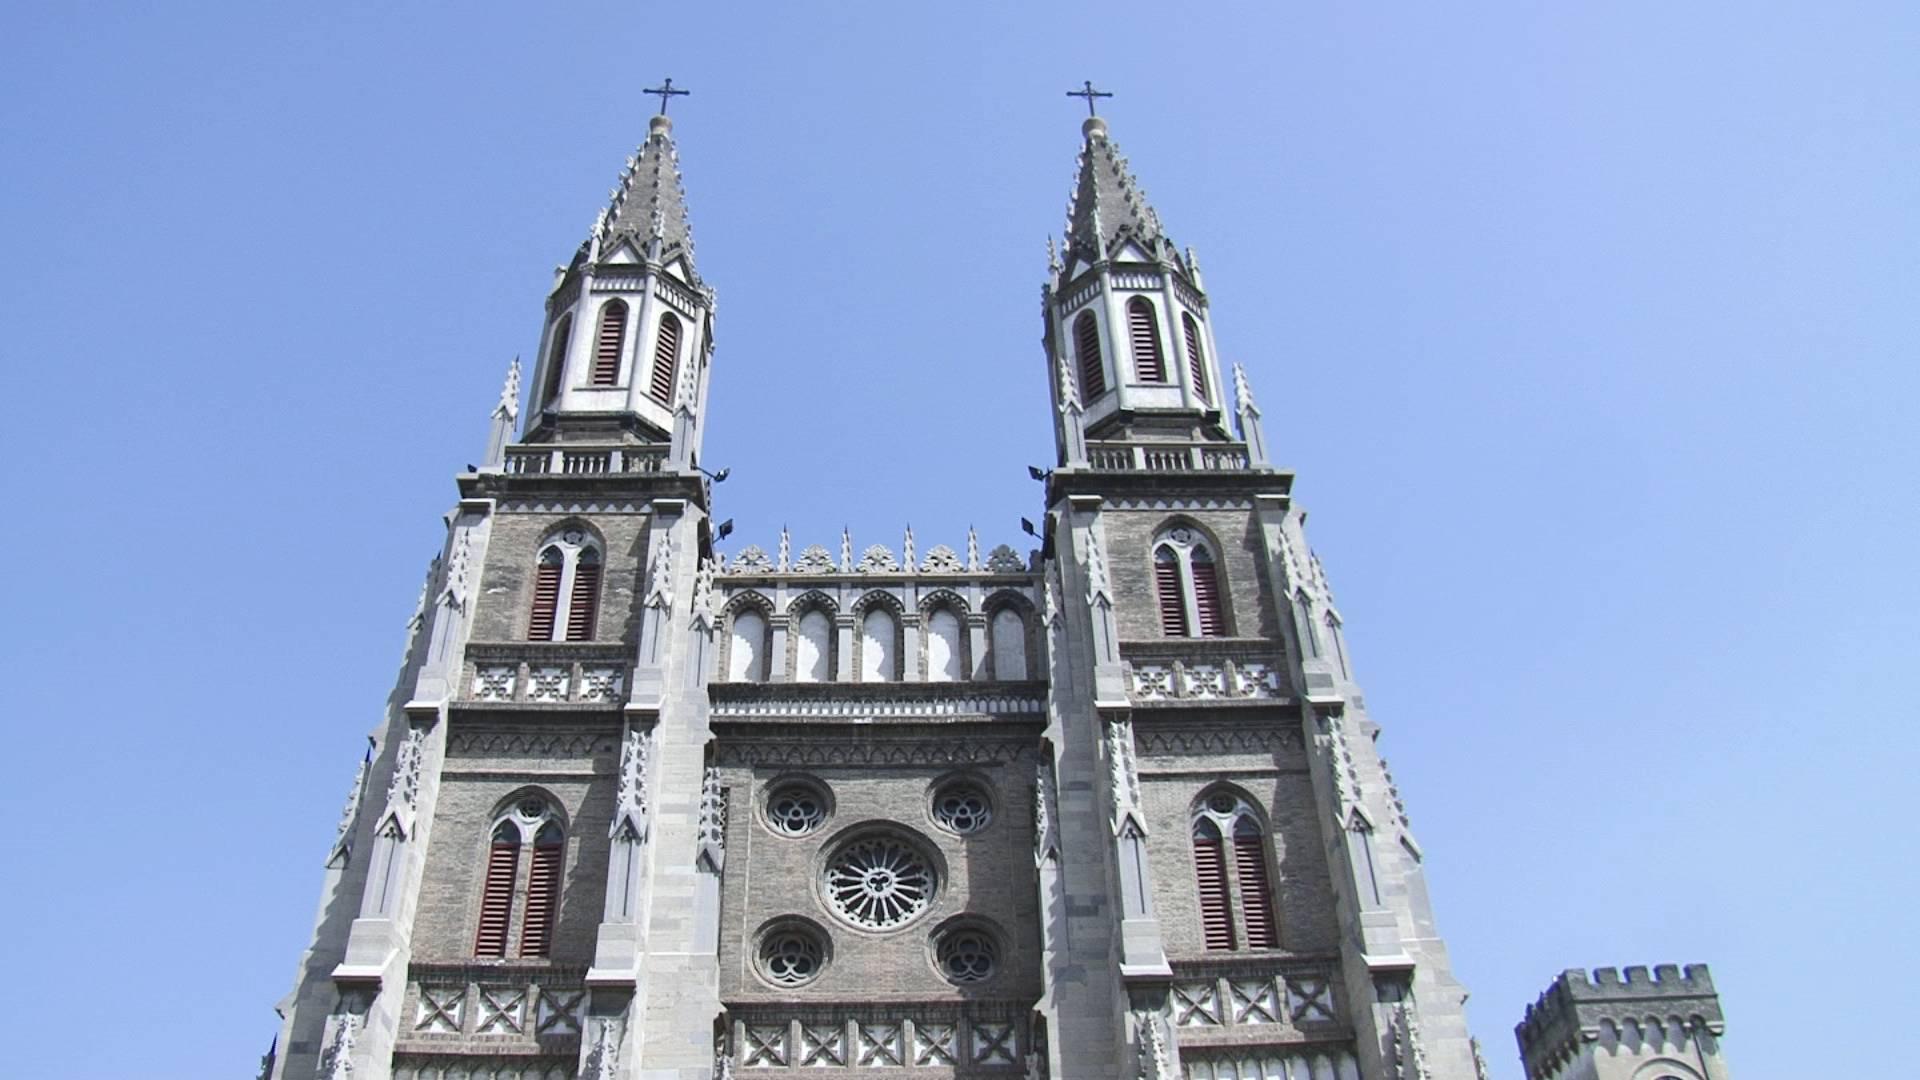 避免重蹈巴黎圣母院覆辙!济南洪楼教堂穹顶木质塔尖防火措施升级